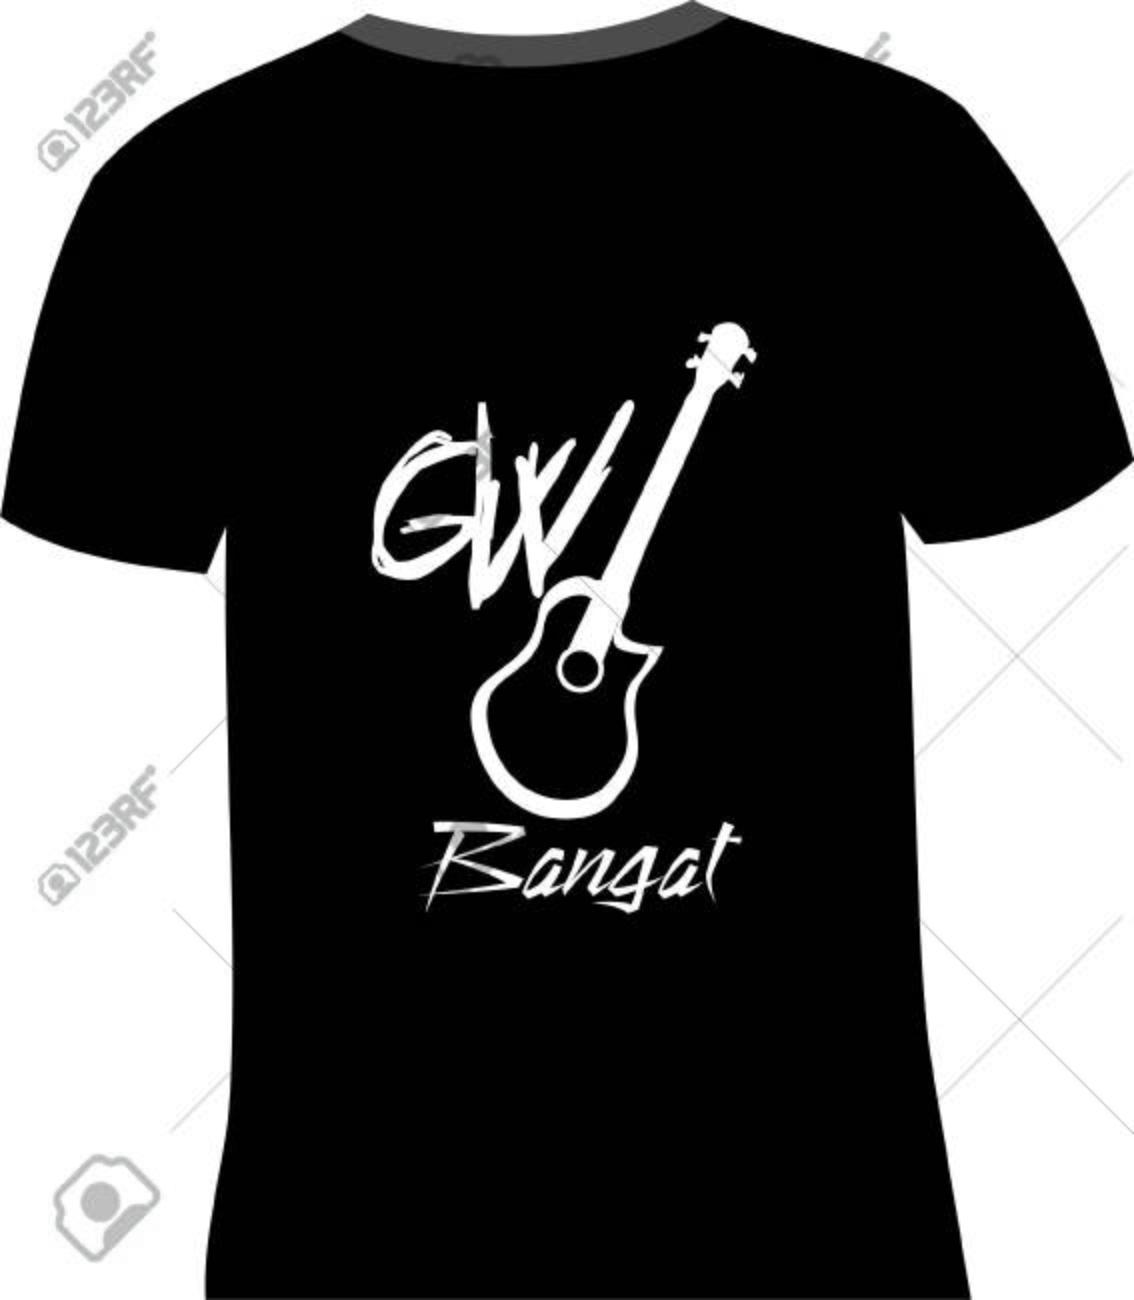 T shirt design vectors - Tshirt Design Stock Vector 36094623